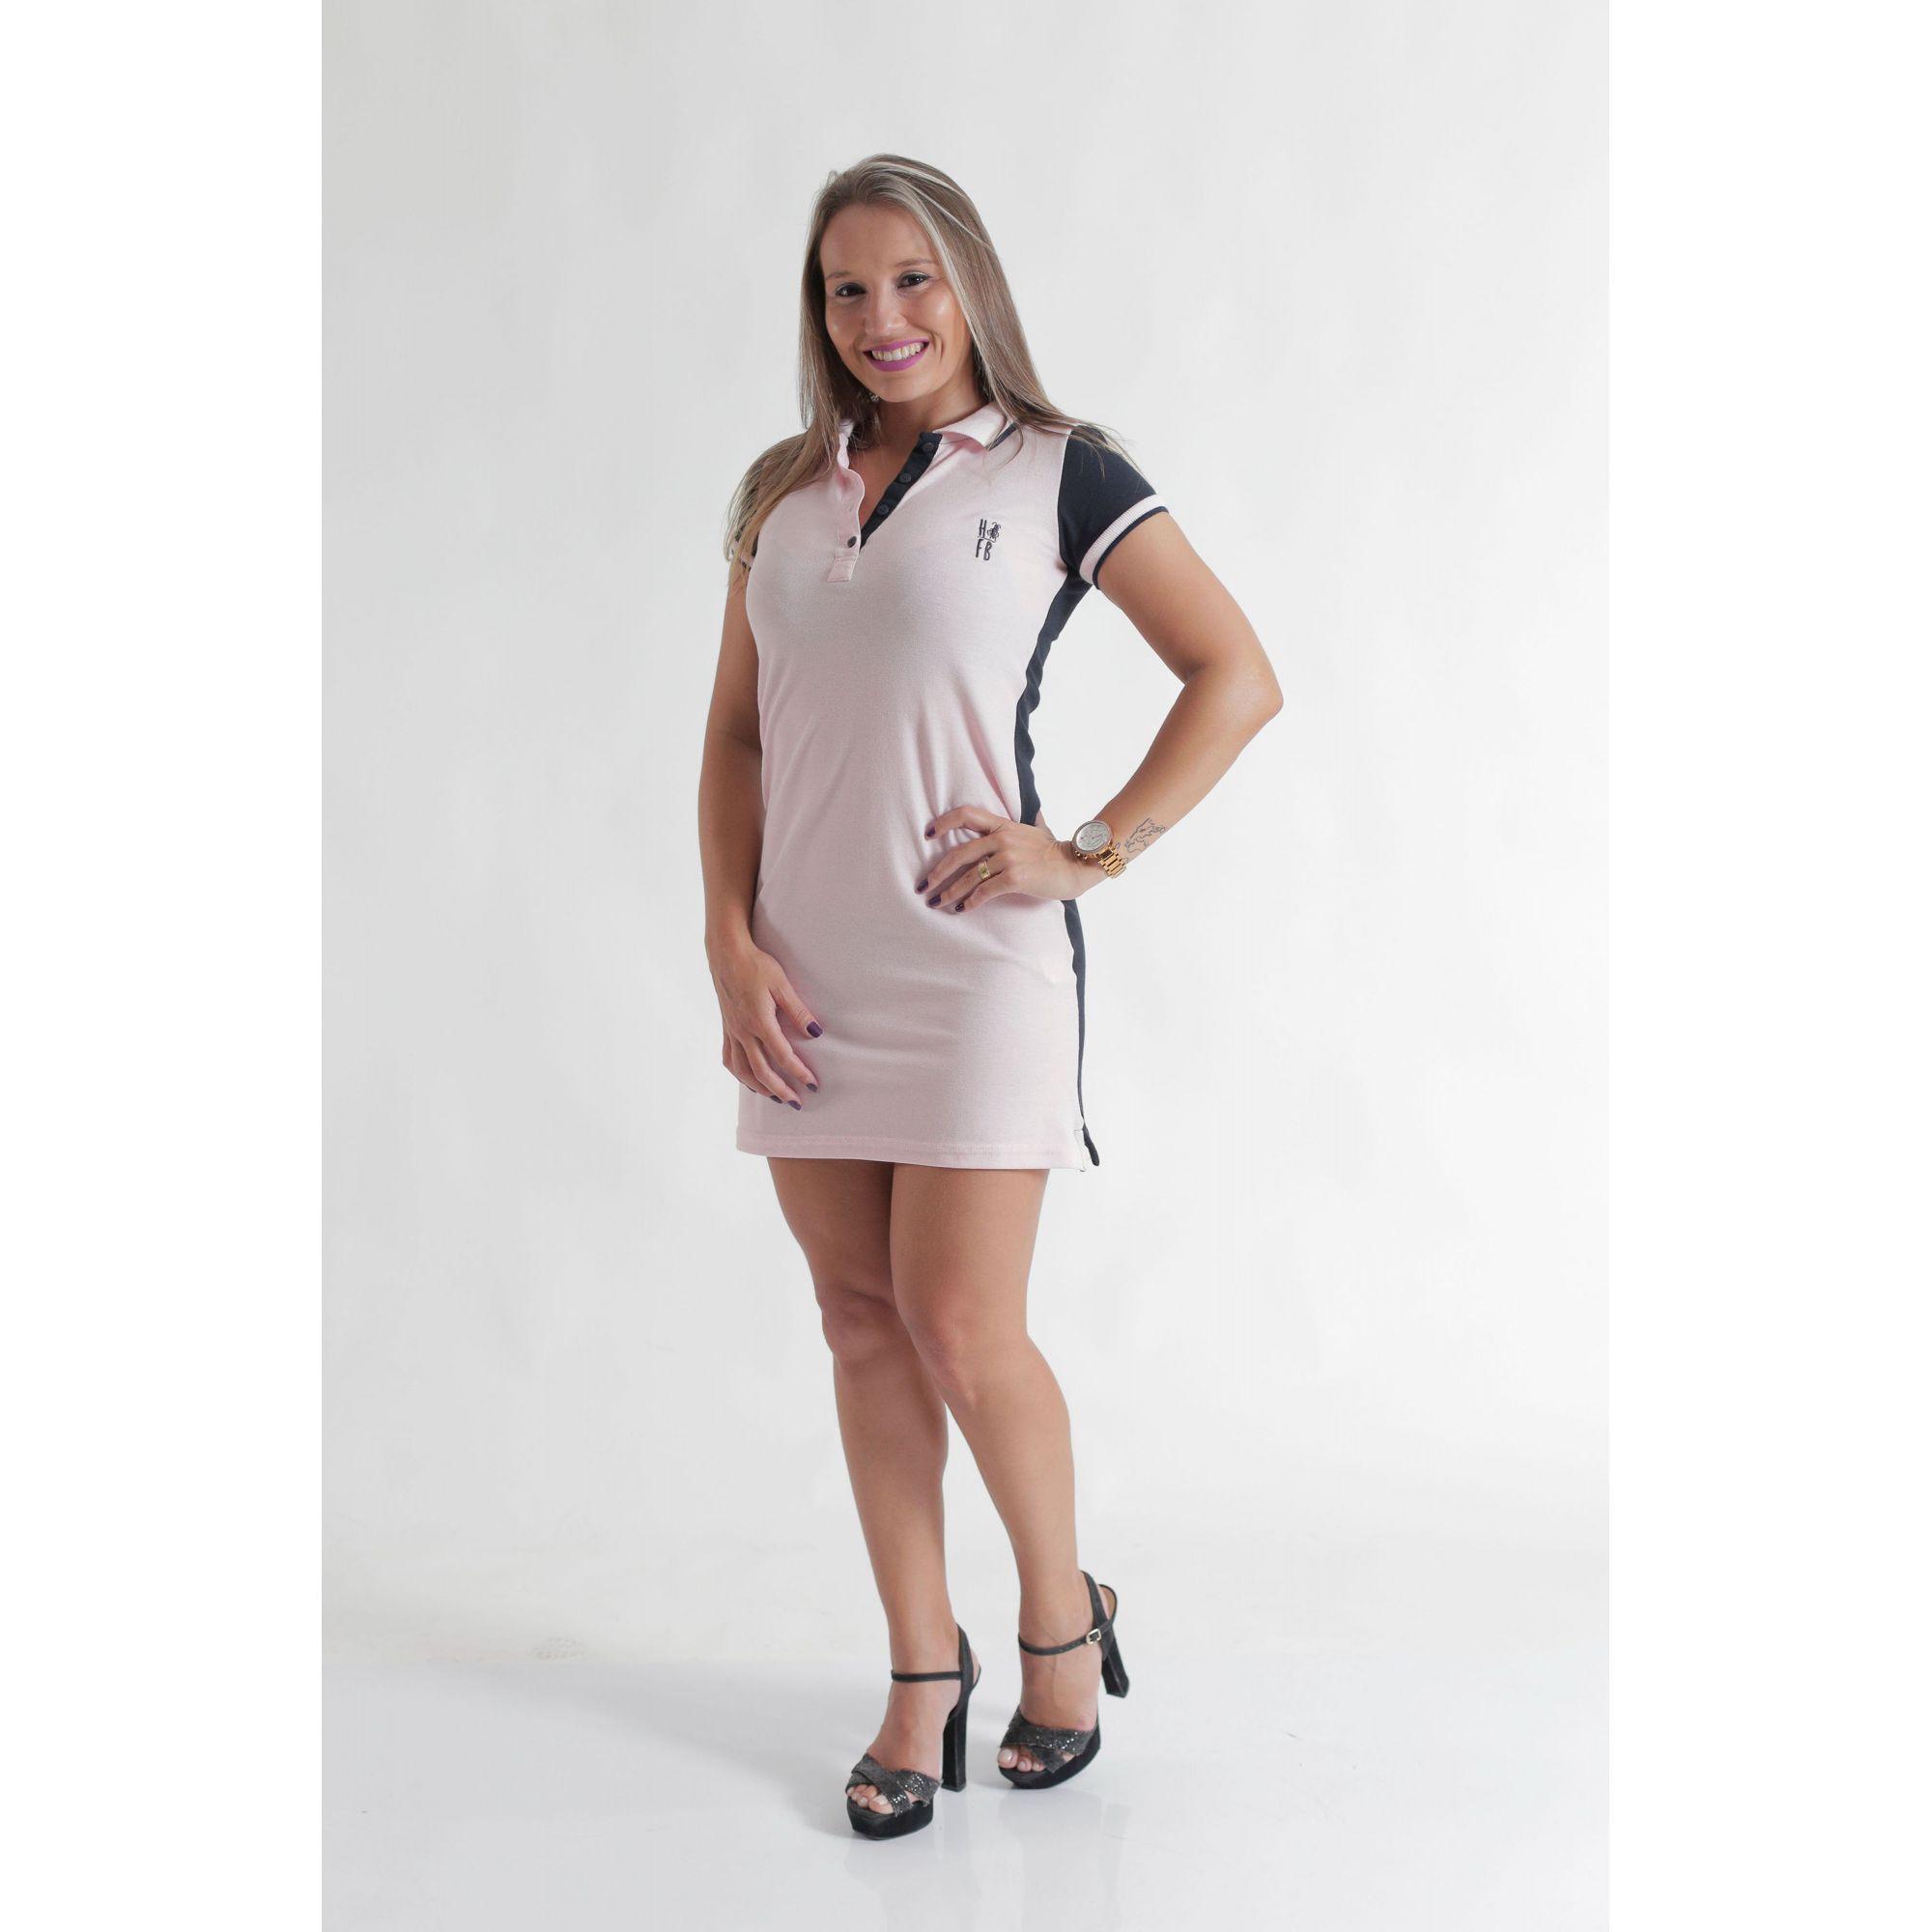 NAMORADOS > Kit 02 Peças Camisa + Vestido Polo Rosa com Marinho [Coleção Namorados]  - Heitor Fashion Brazil